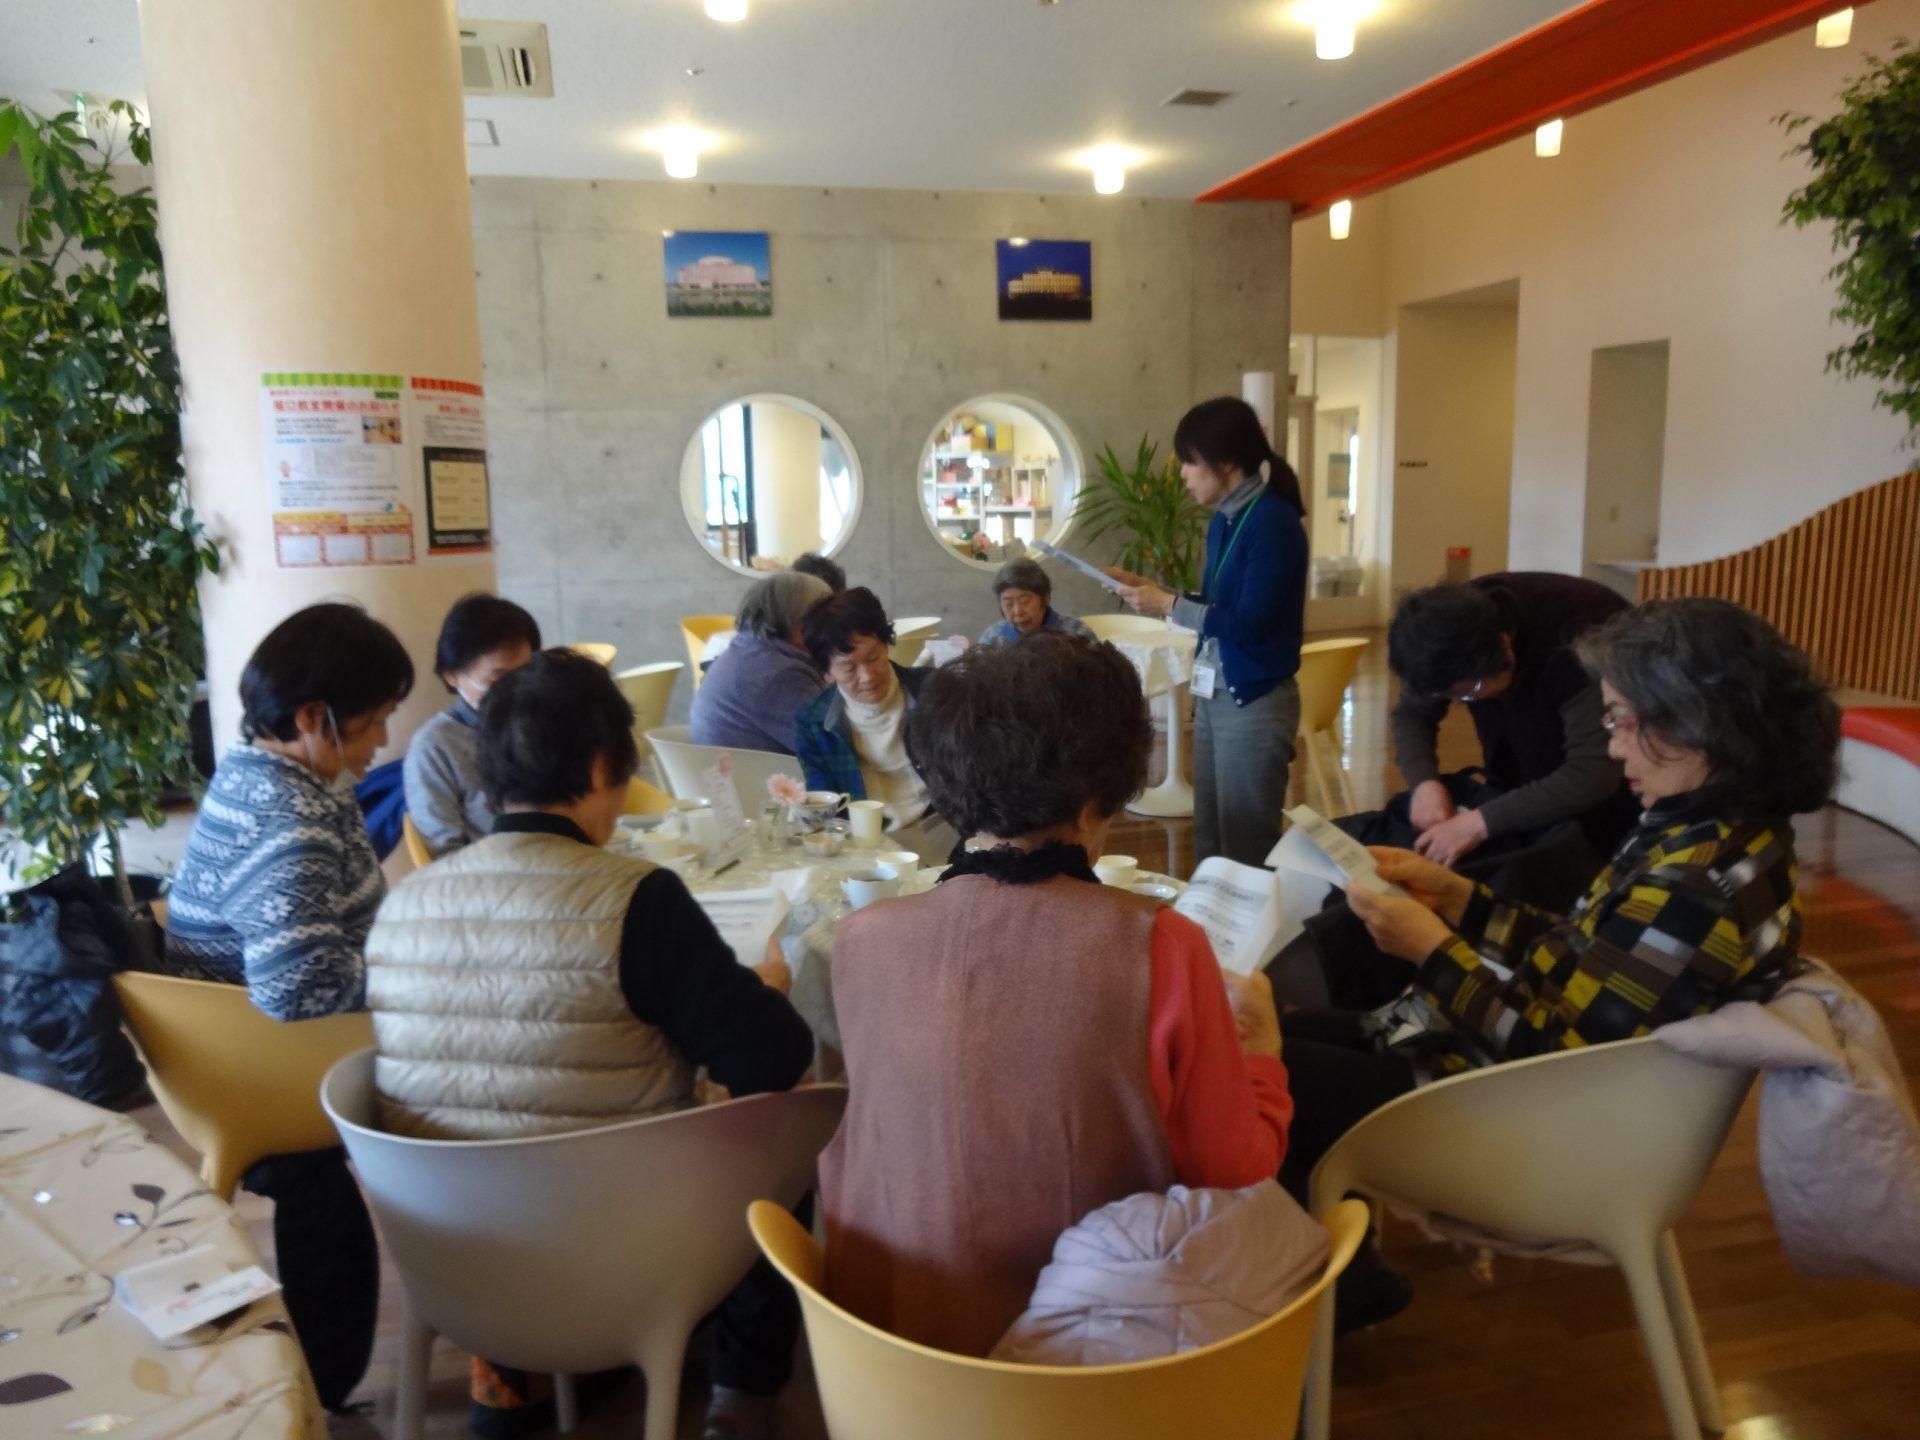 認知症カフェ「ひととき」 2月『健康ミニ講座』開催